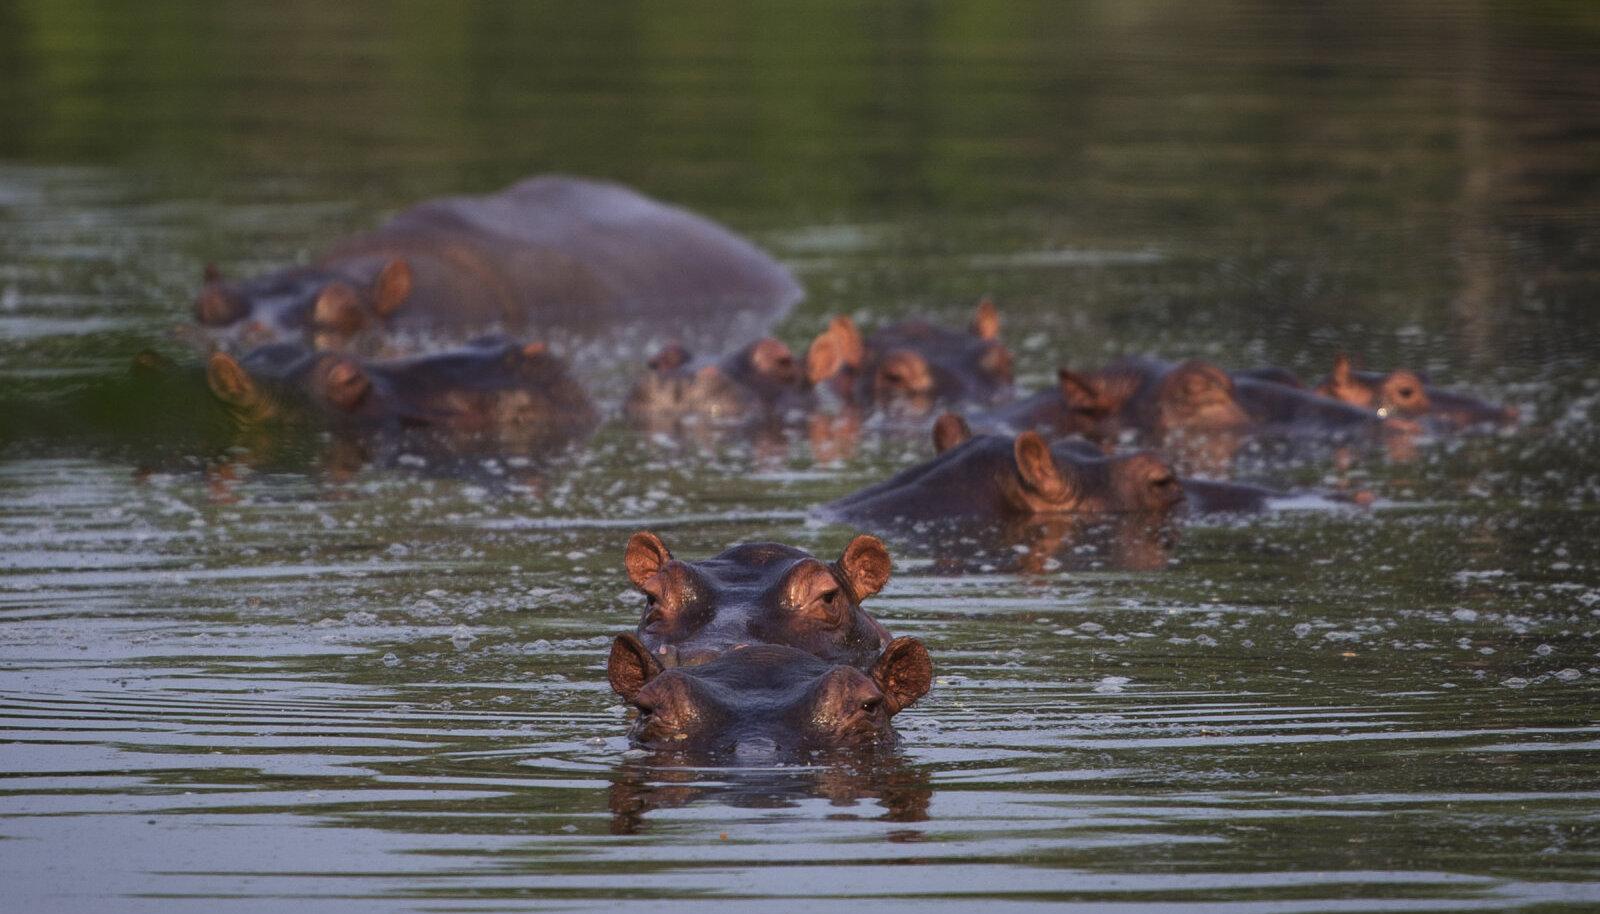 Jõehobud elavad jätkuvalt edasi ka Escobari kunagise rantšo kunstlikus järves. Pilt on tehtud selle aasta veebruaris.